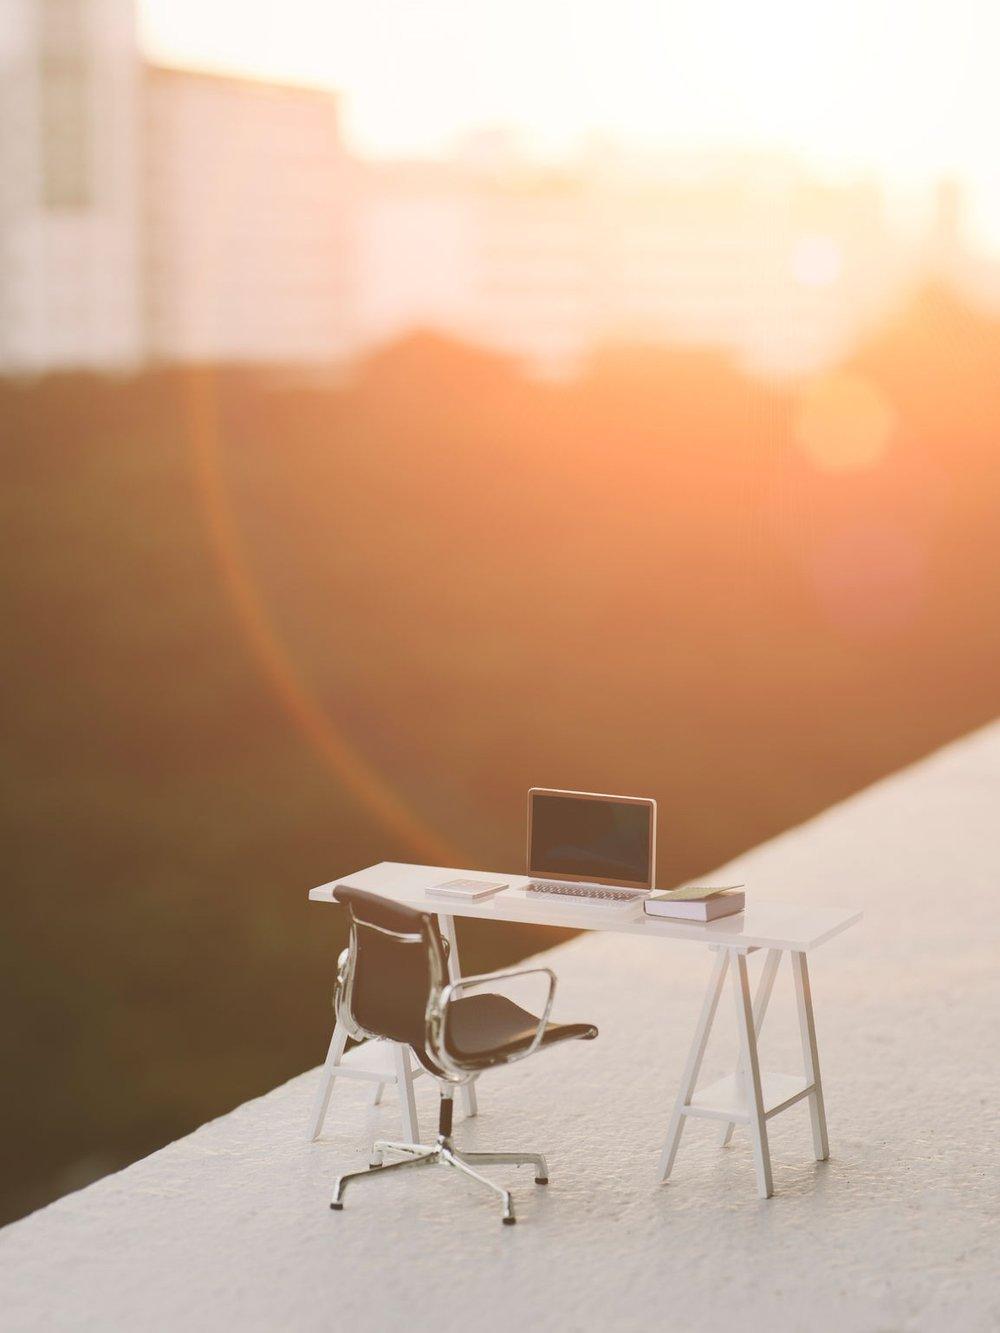 08 | Meaning Of Work - För medarbetaren blir det viktigare med personlig utveckling än att få klättra ett pinnhål till i företagshierarkin. Vi blir effektiva tack vare ny teknik och behöver knappast oroa oss för att artificiell intelligens tar våra jobb. När företag börjar automatisera processer kommer istället de anställda, som gått internutbildningarna, att hitta nya roller. Dessutom kommer nya arbetsuppgifter och yrken att dyka upp som en konsekvens när vi upptäcker möjligheterna som AI erbjuder.